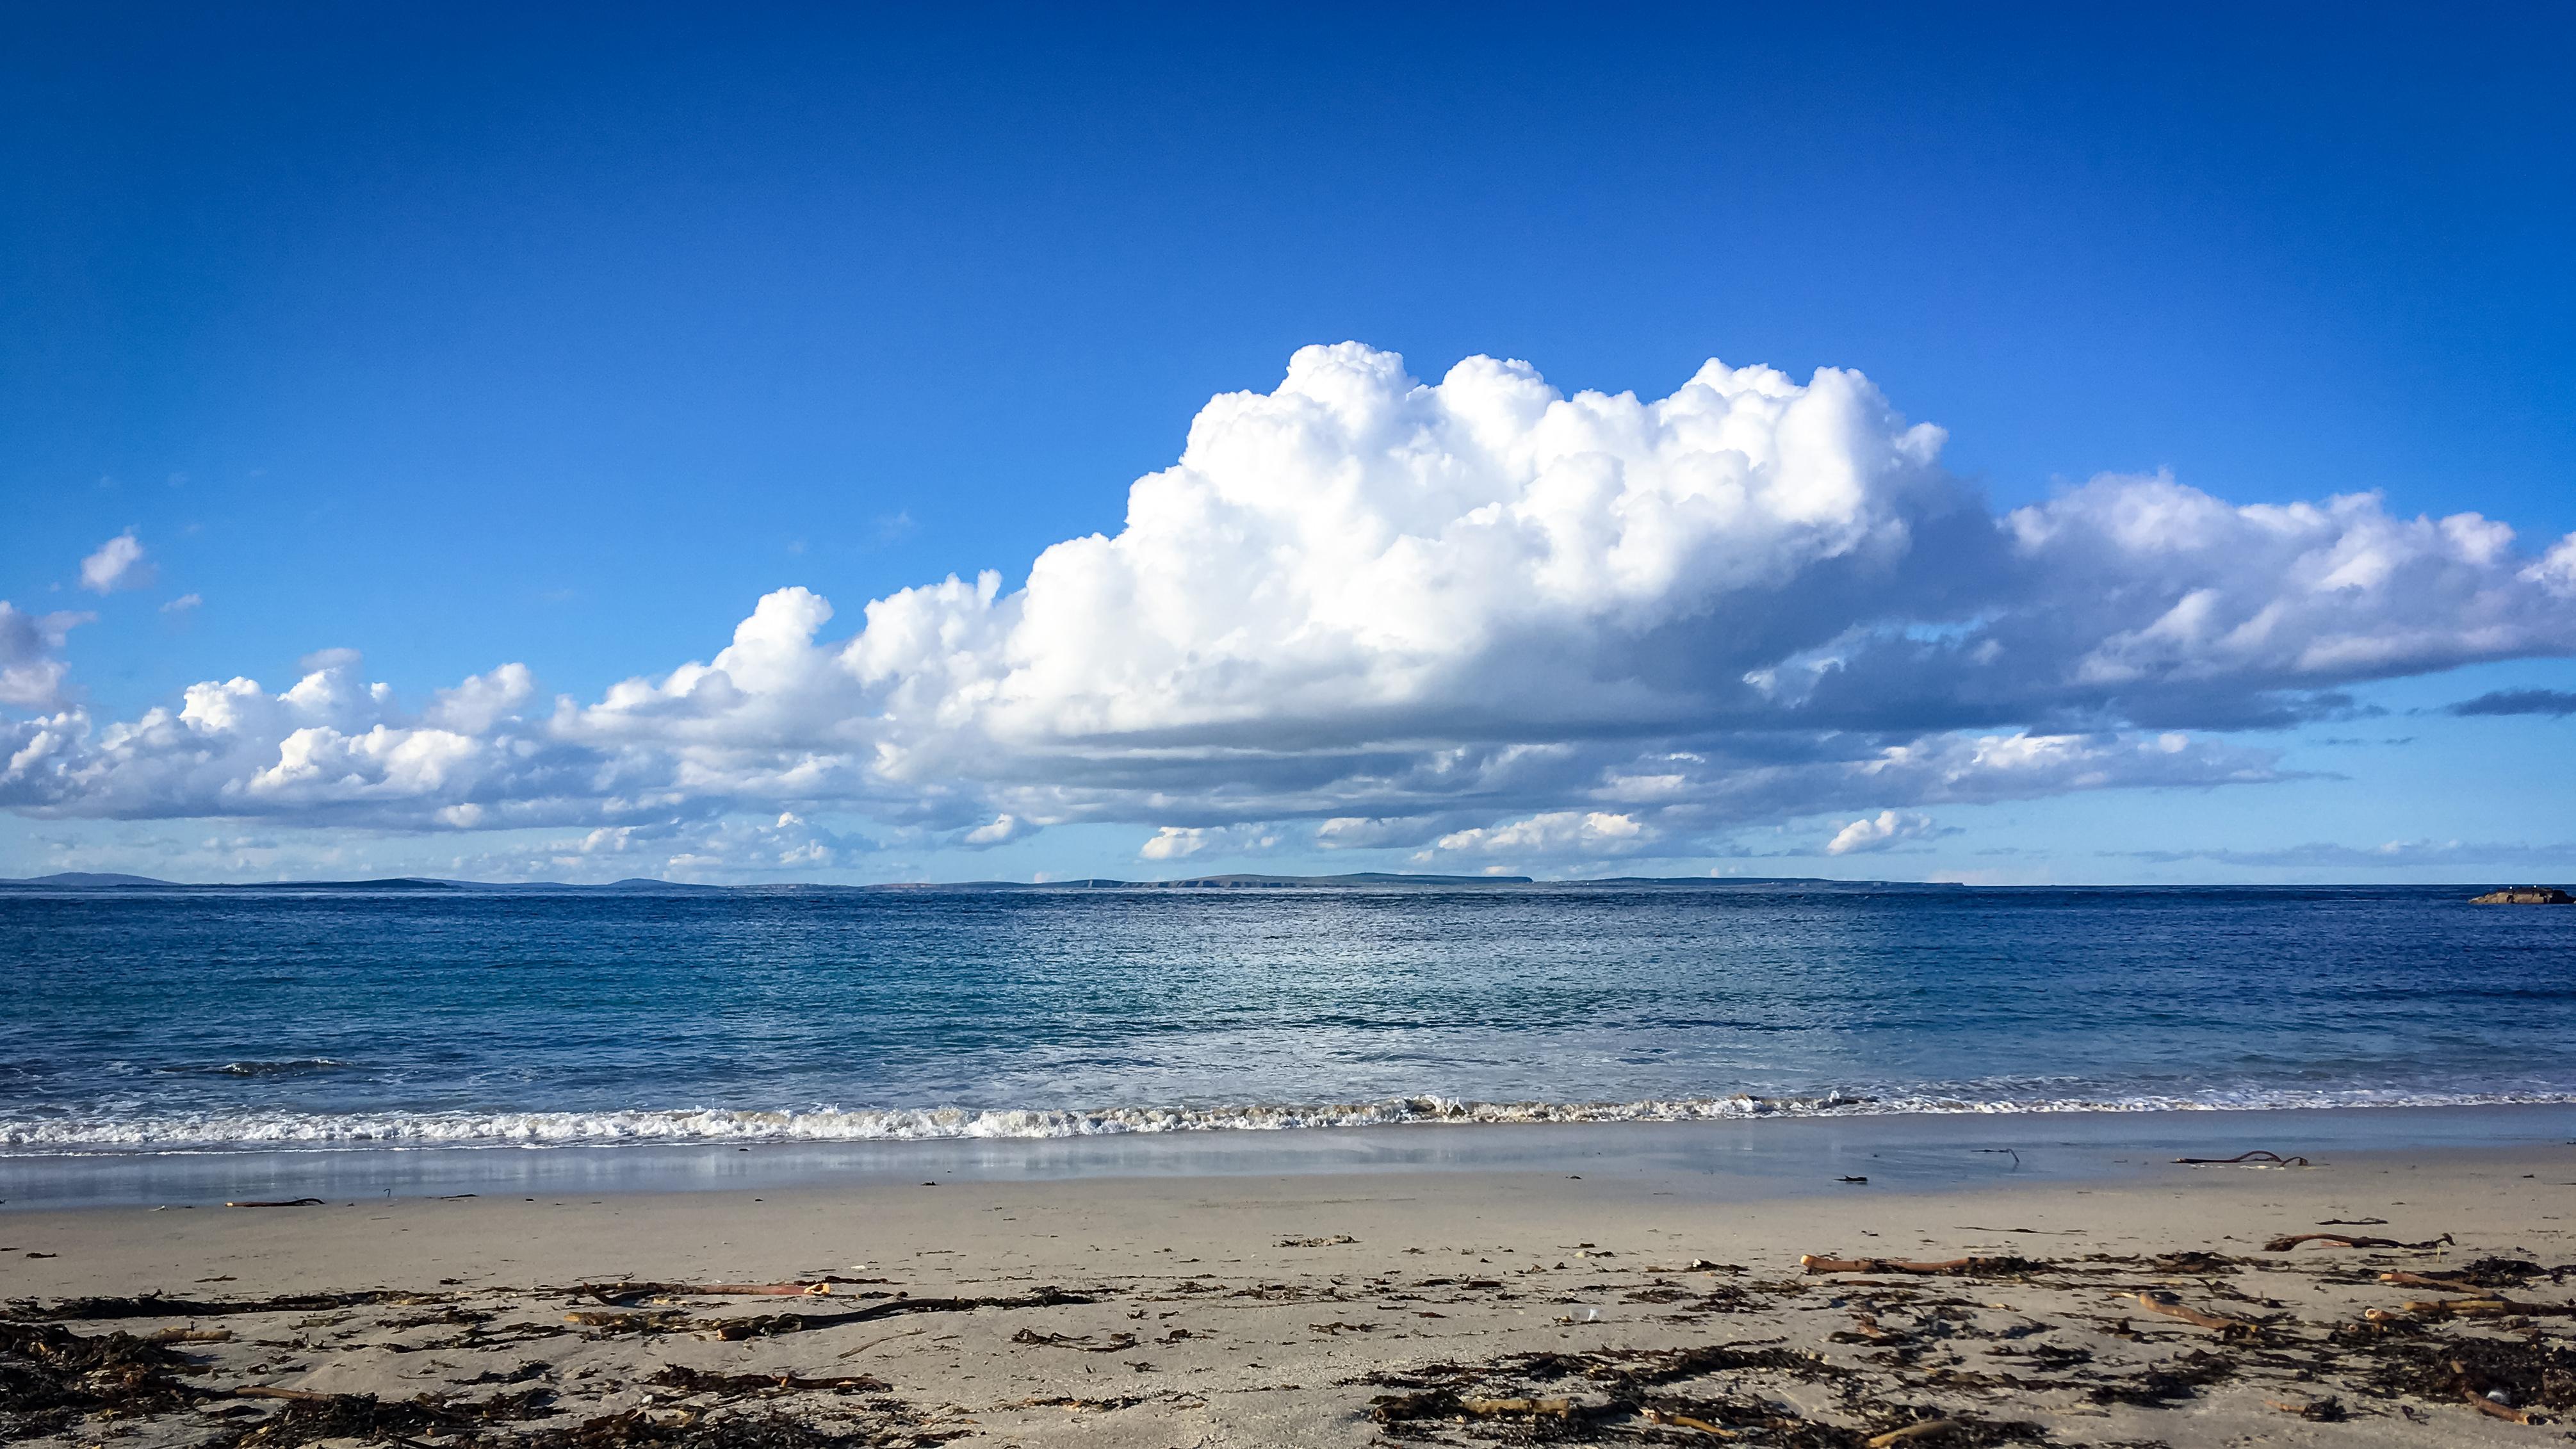 Blick auf die Orkney Inseln am Strand von Sannick bei John o'Groats